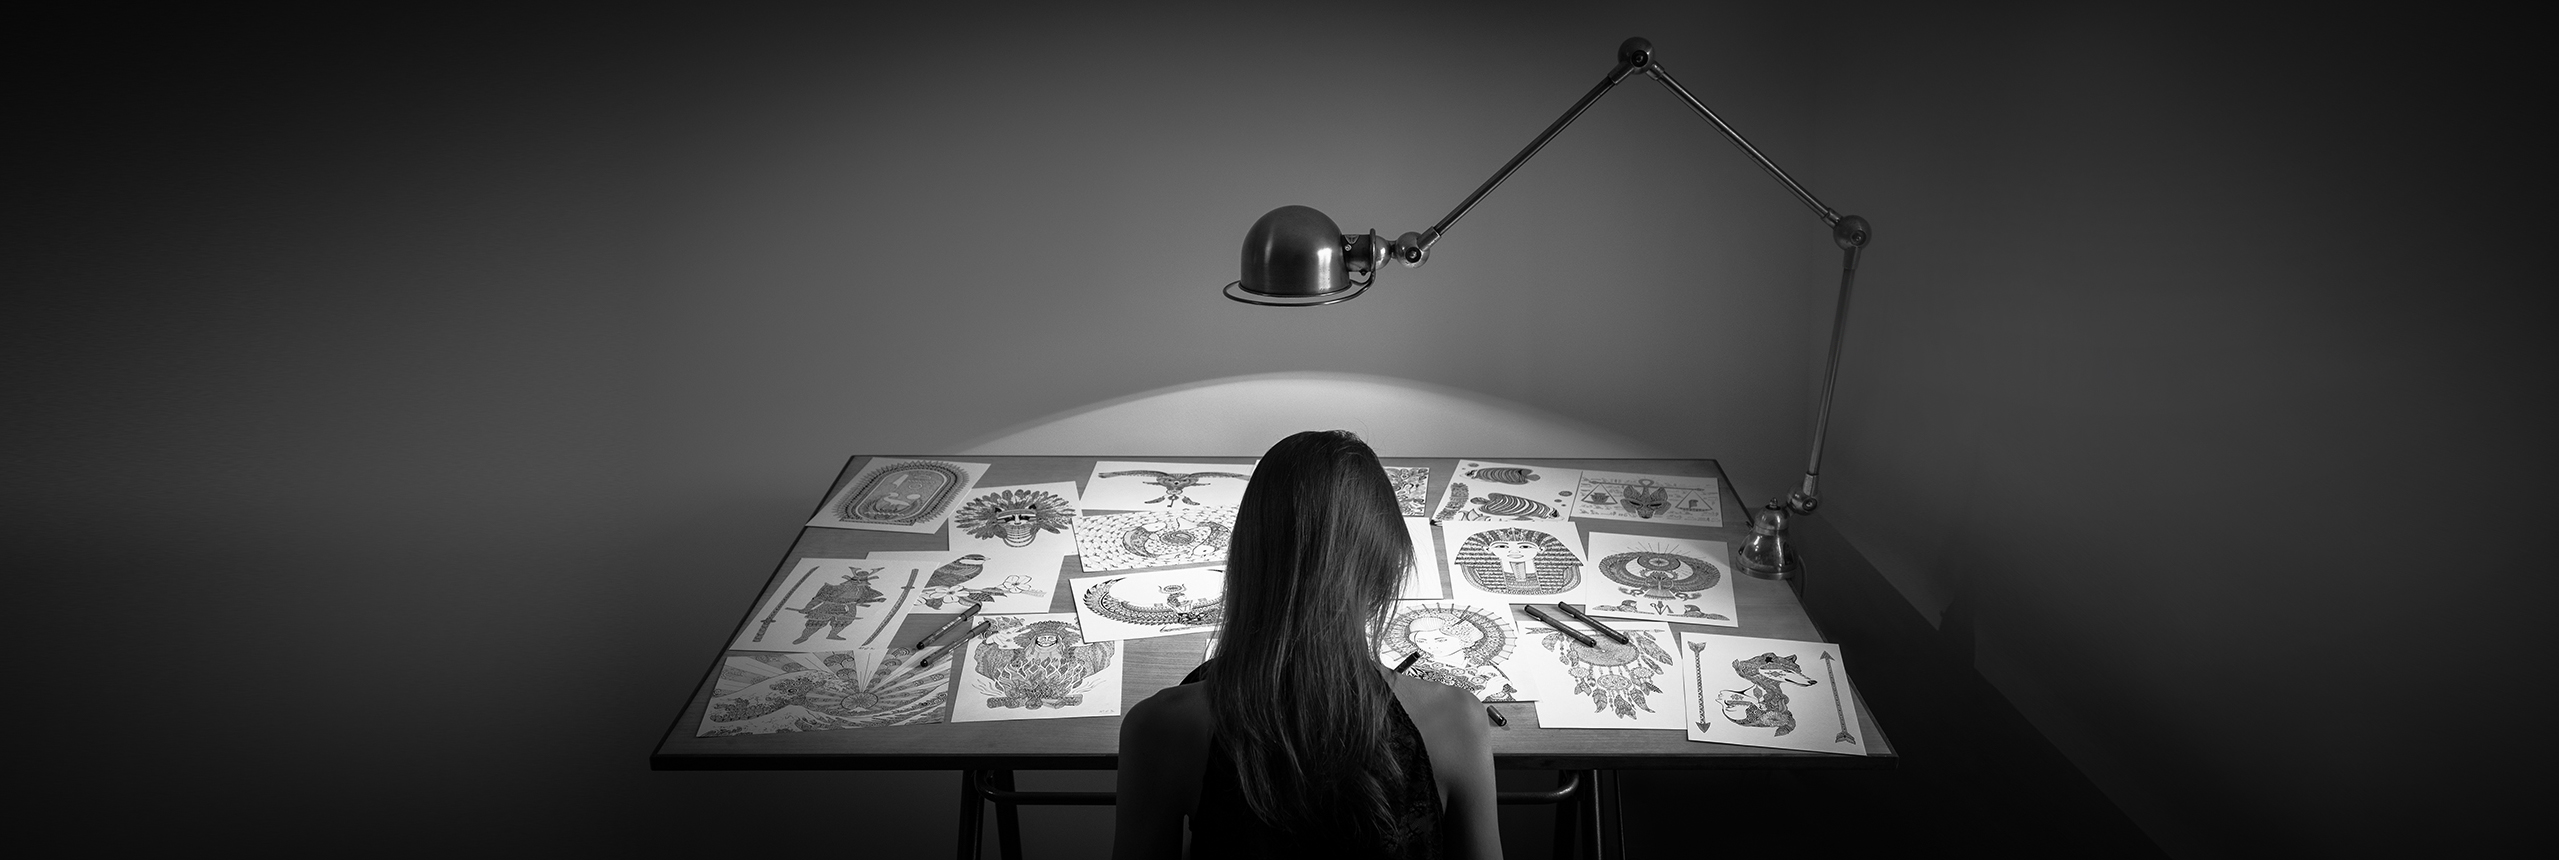 Sabrina Beretta est une illustratrice et dessinatrice autodidacte ardennaise